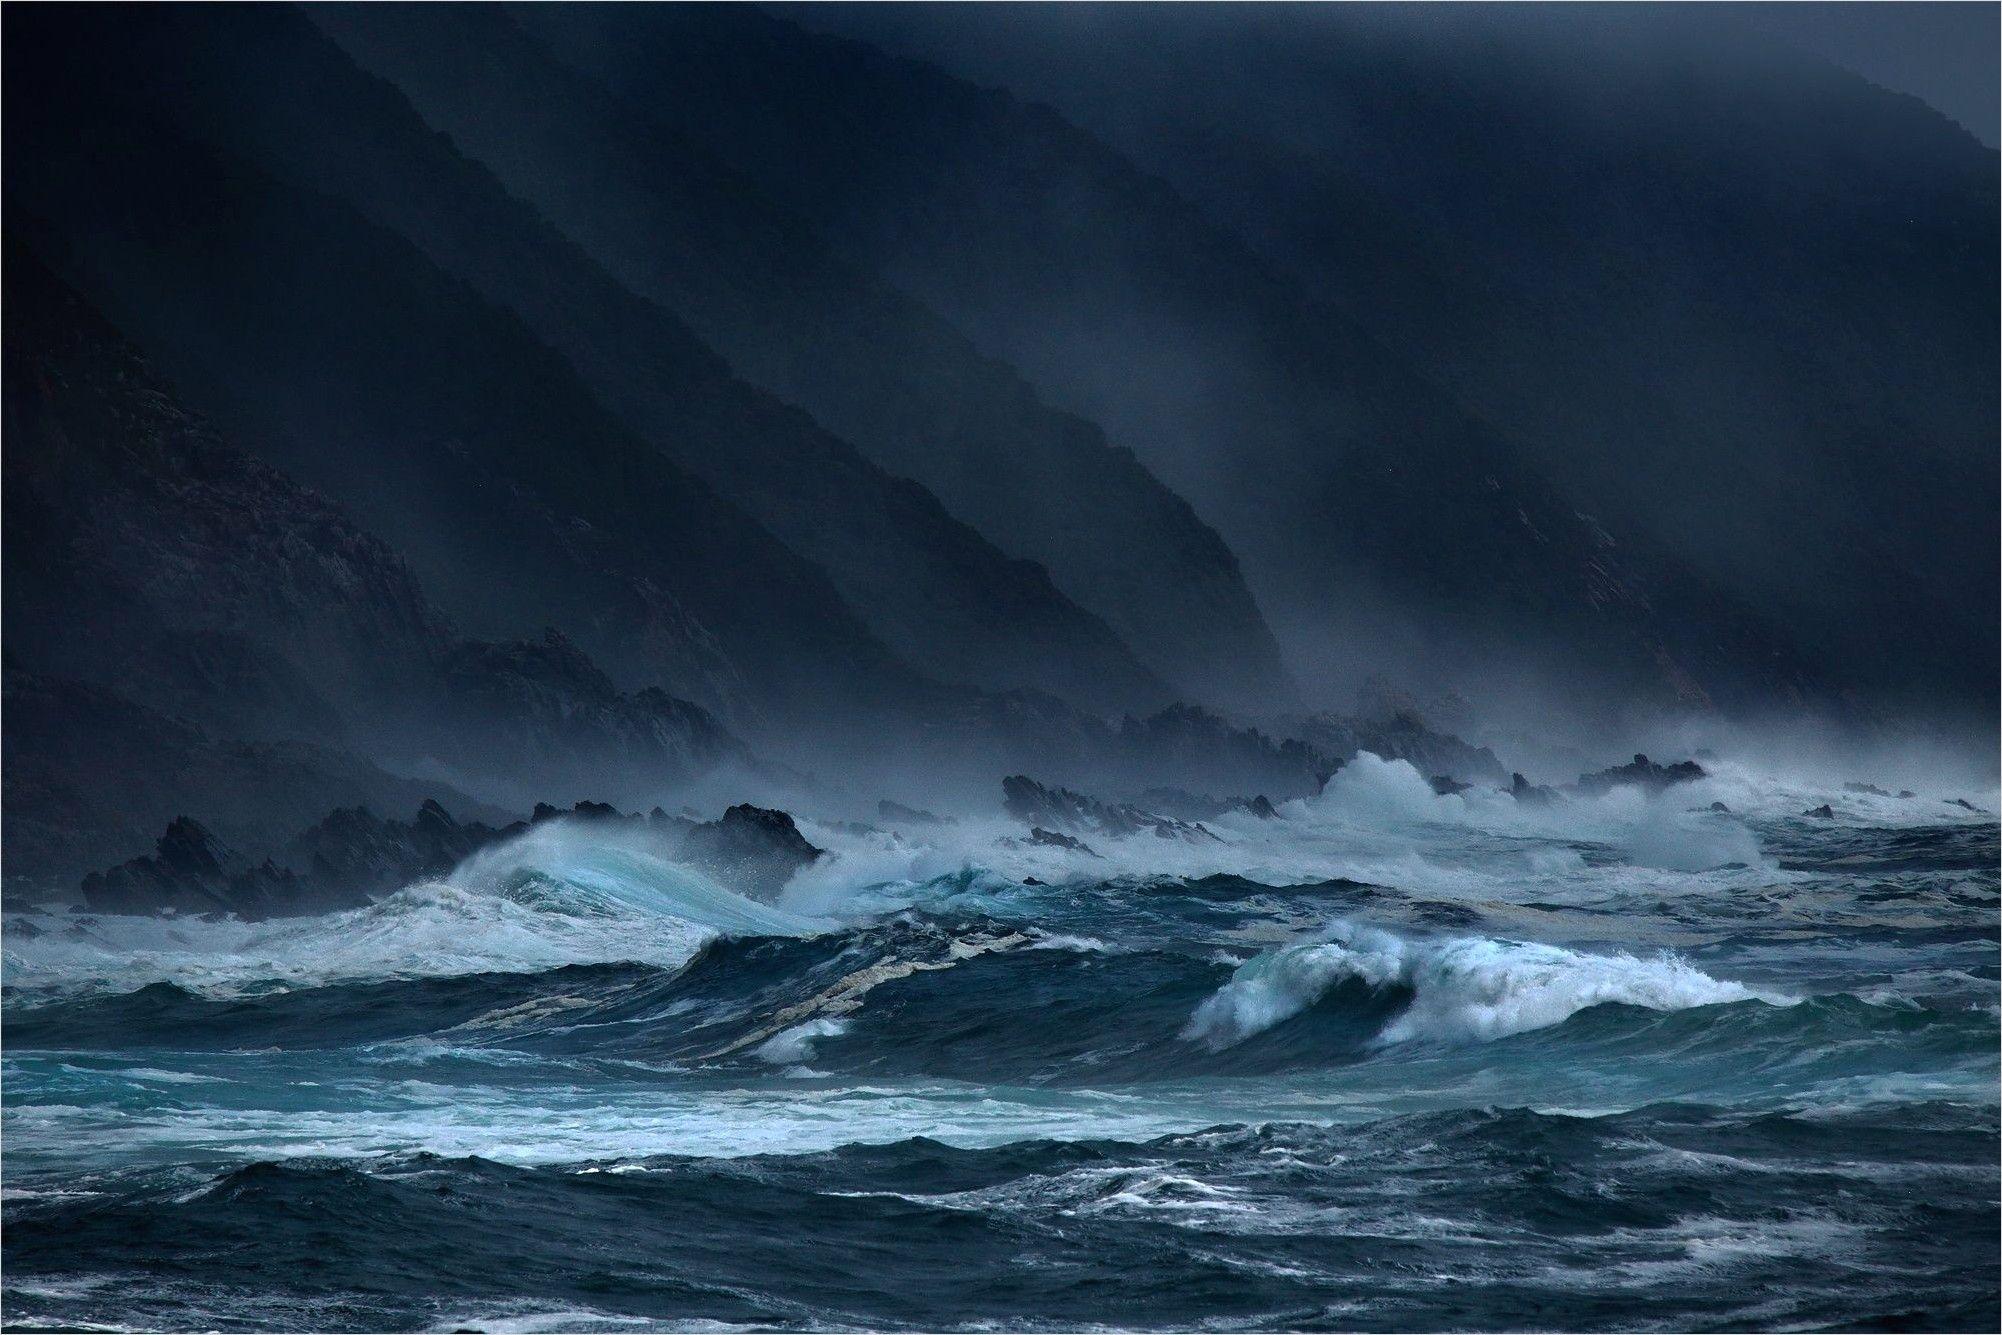 Sea Storm Wallpapers - 4k, HD Sea Storm ...